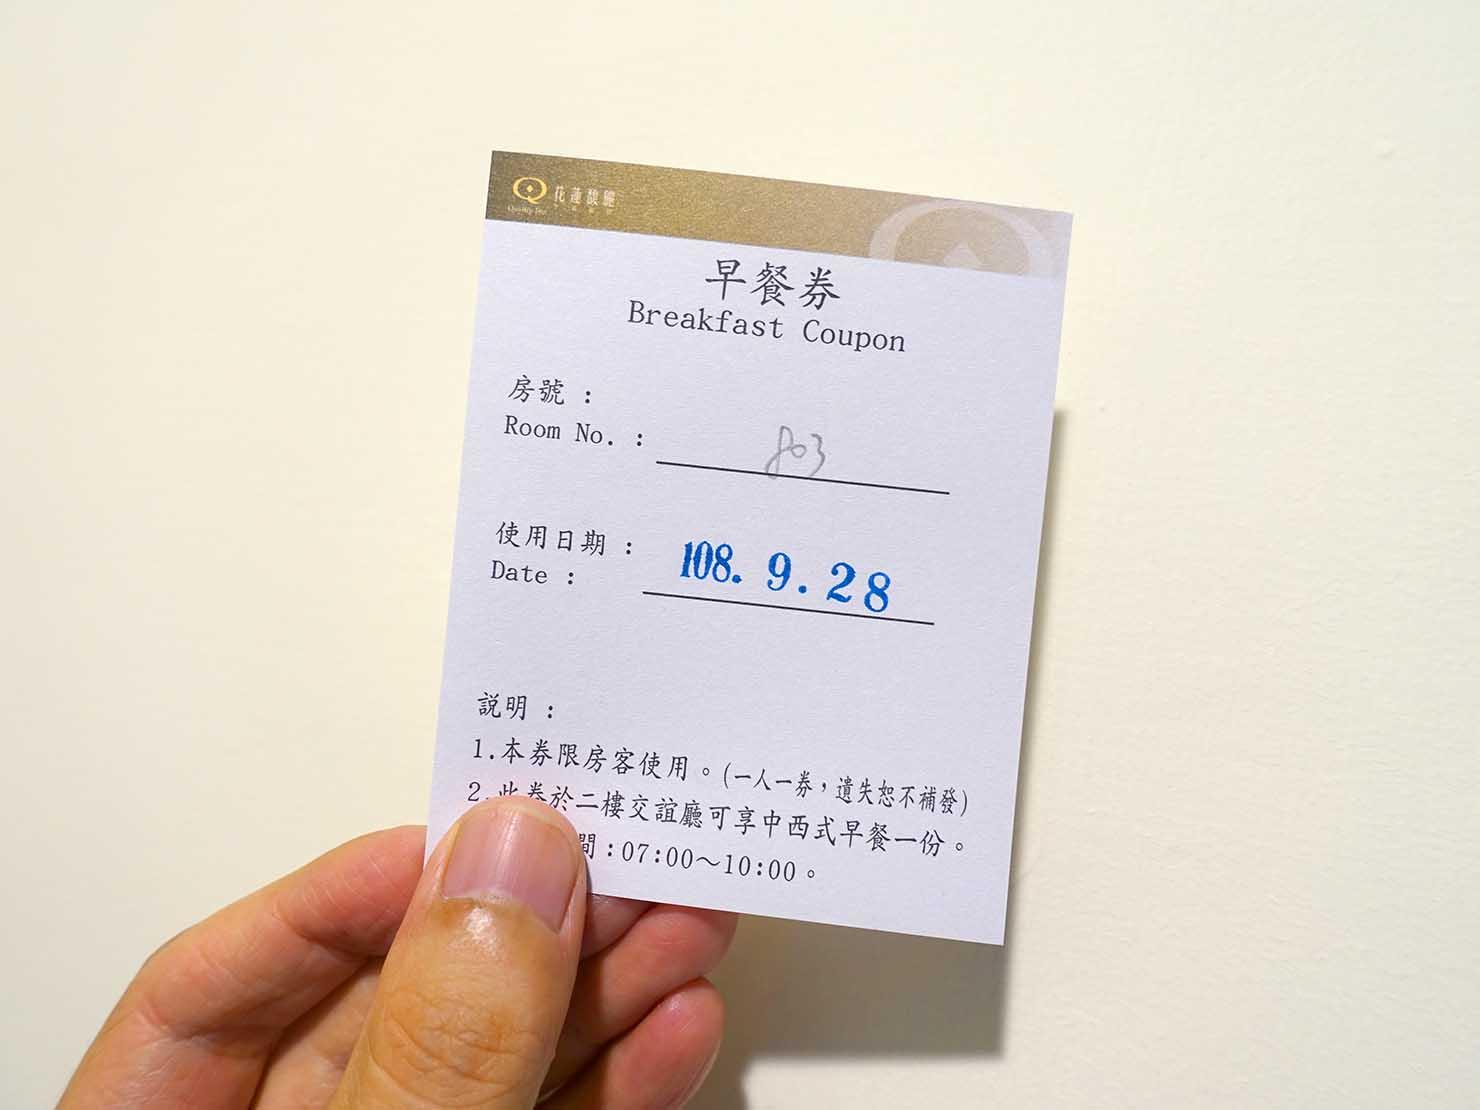 花蓮市街中心部にあるホテル「馥麗生活旅店 Quality Inn」の朝食チケット